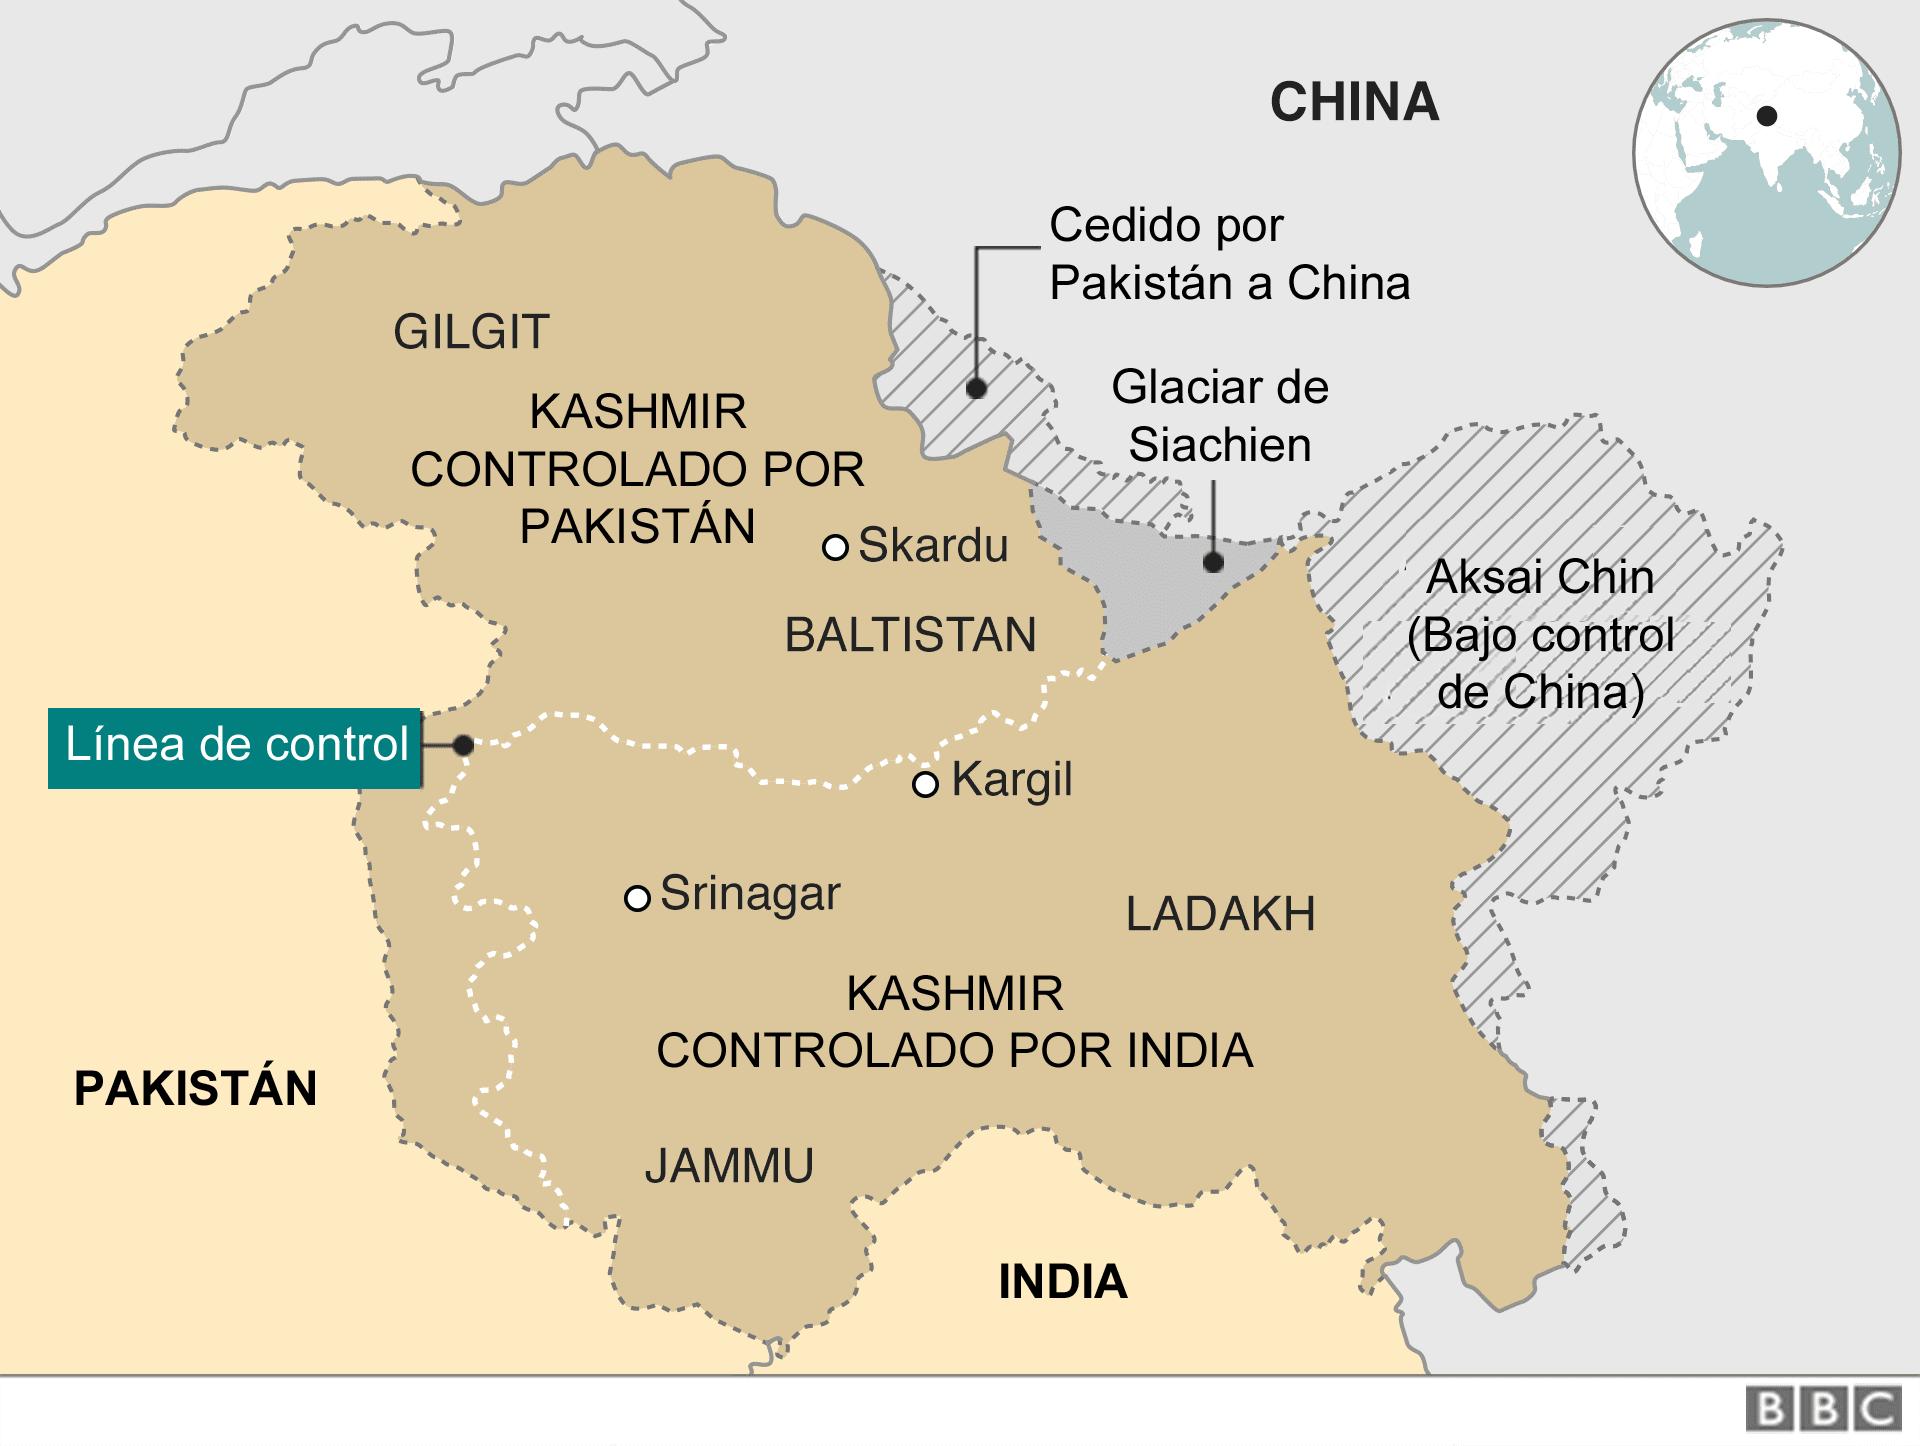 Mapa de la zona de conflicto